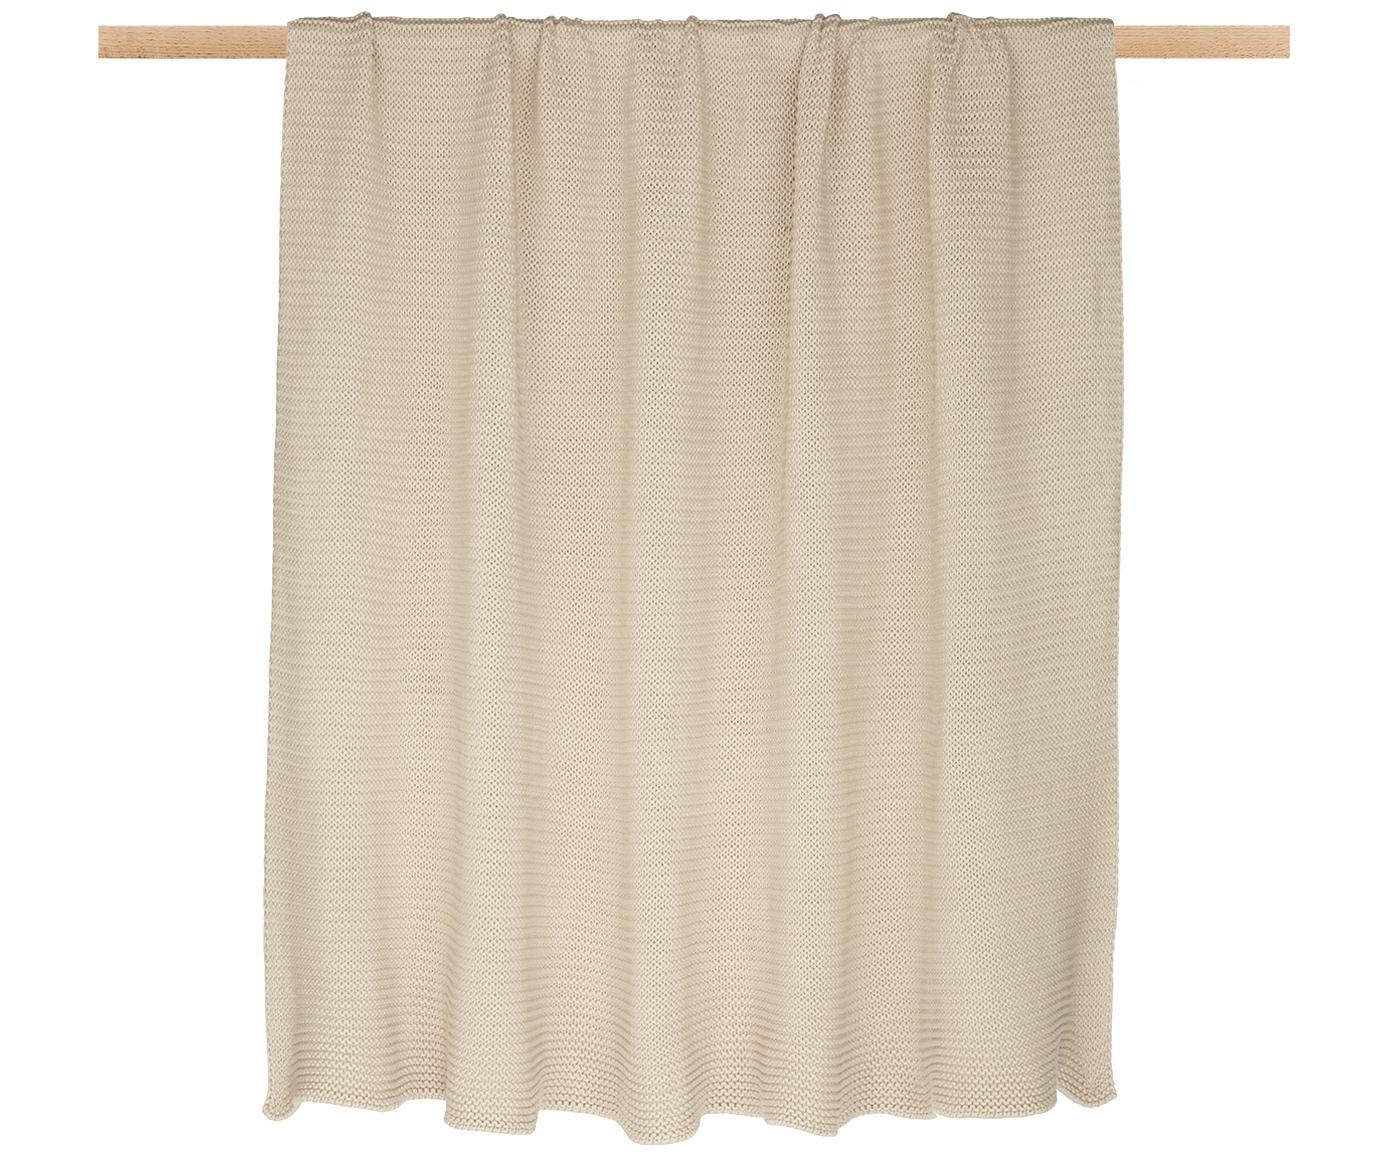 Pled z dzianiny Adalyn, 100% bawełna, Beżowy, S 150 x D 200 cm